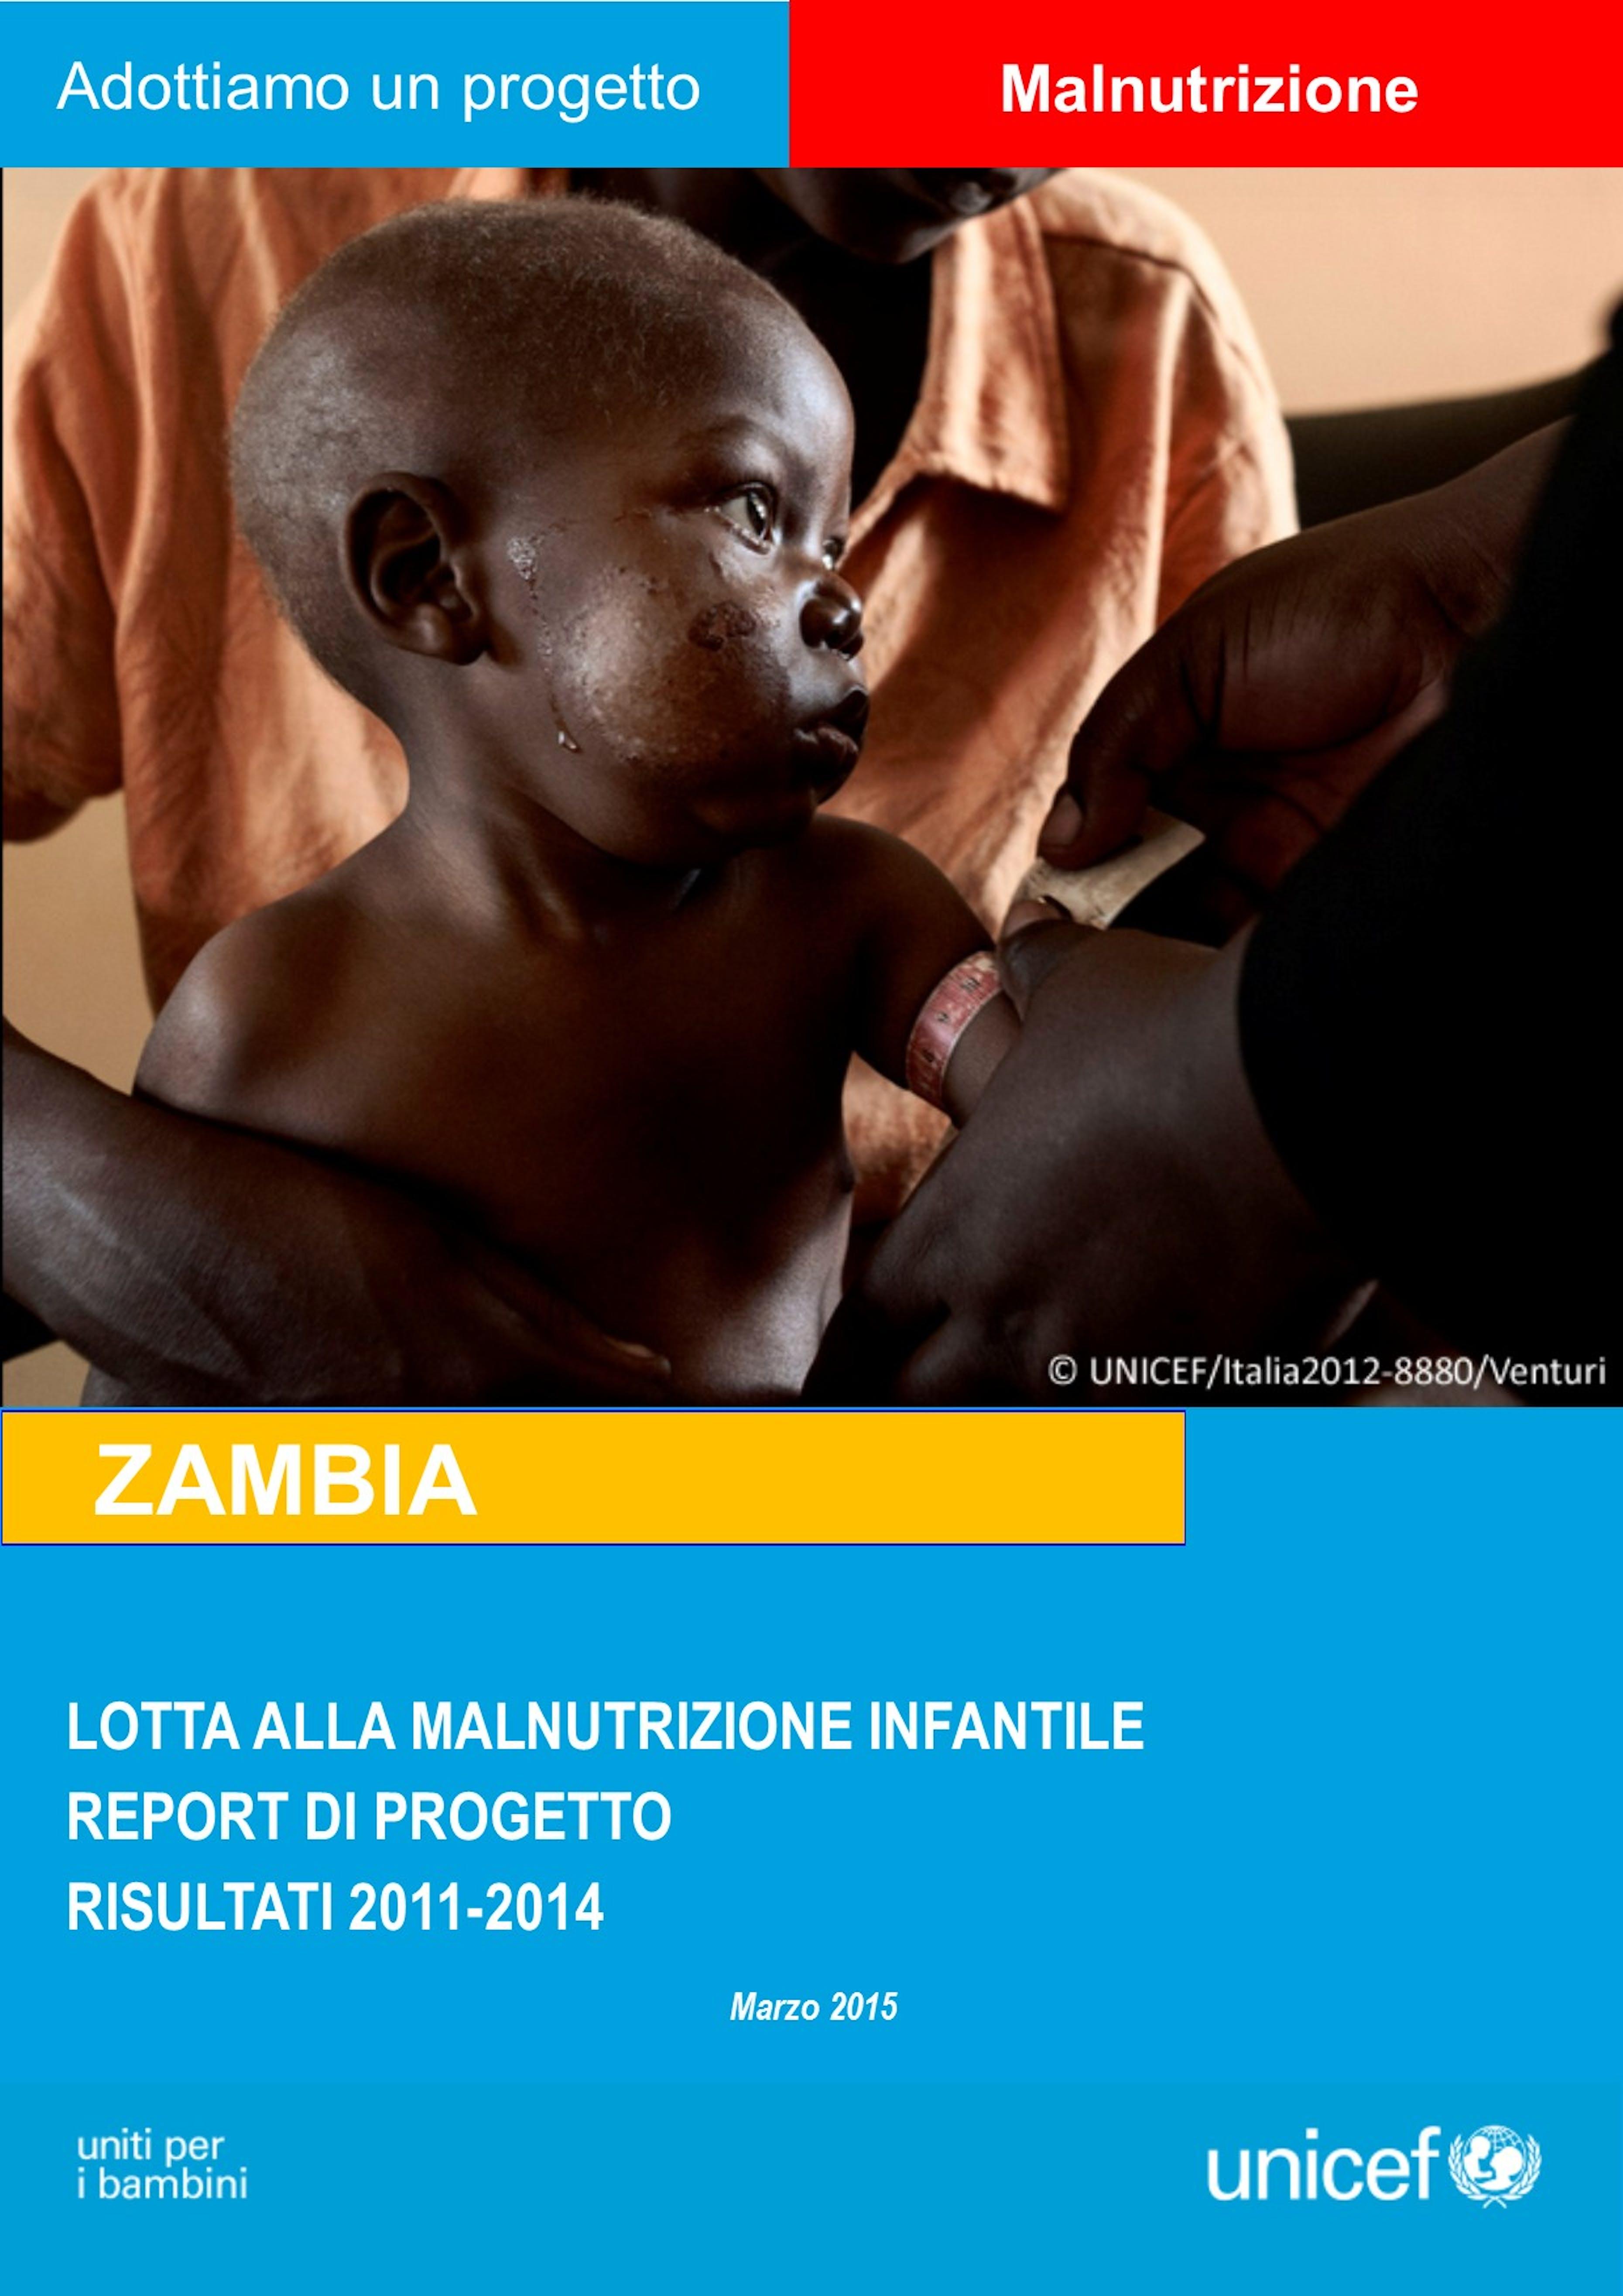 Zambia_malnutrizione_2014.jpg